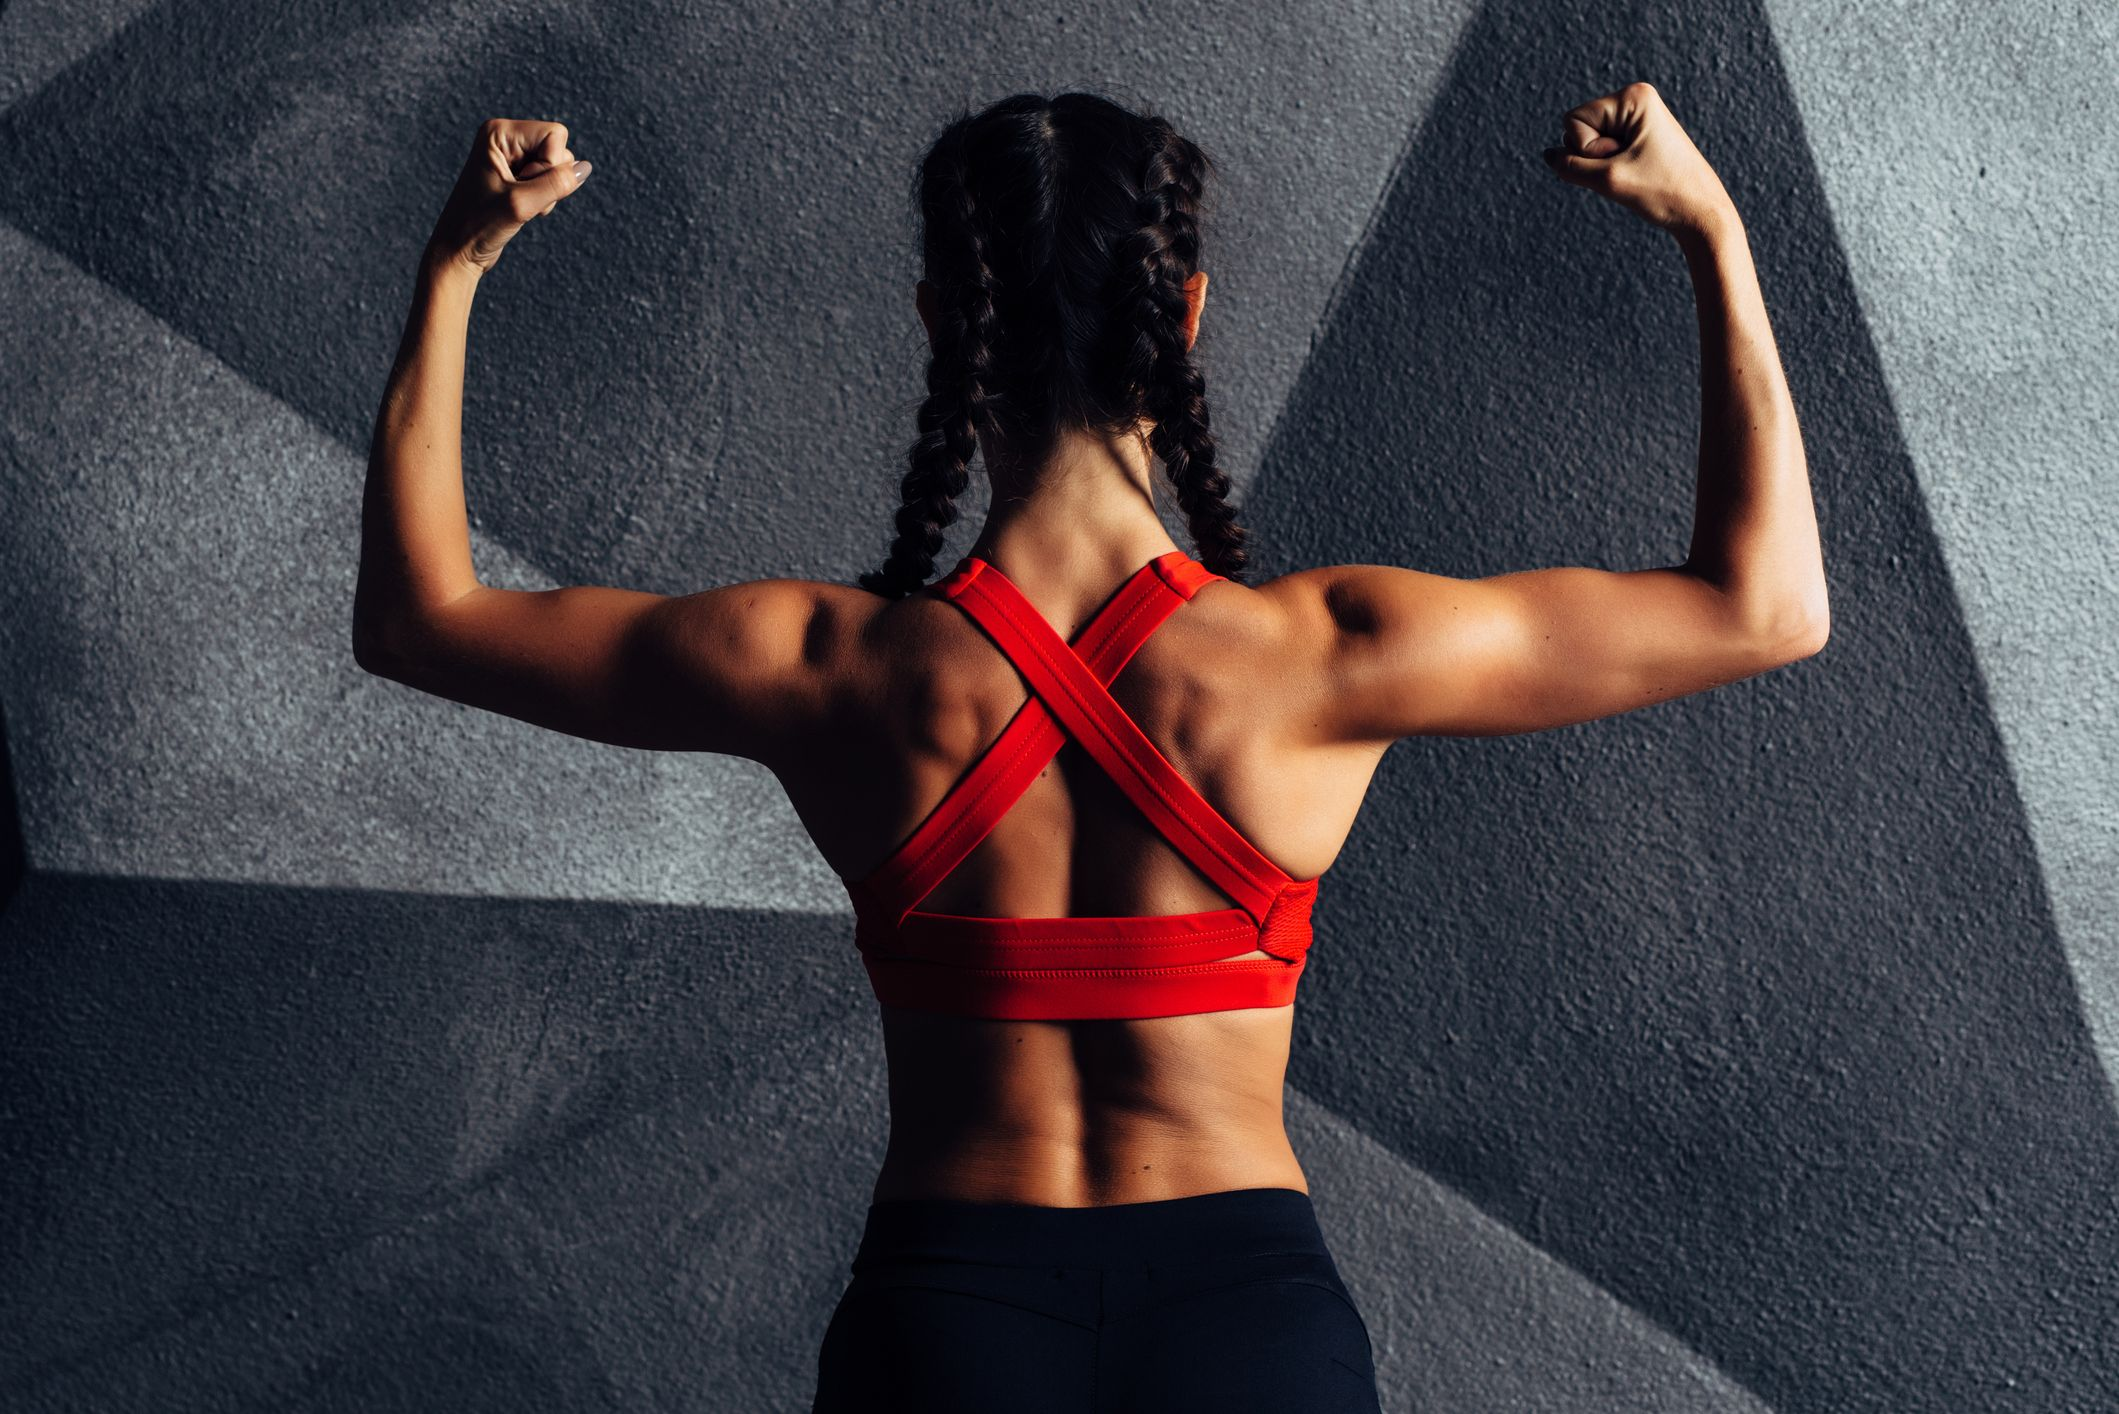 pas de lymphome de perte de poids camp de perte de poids manitoba